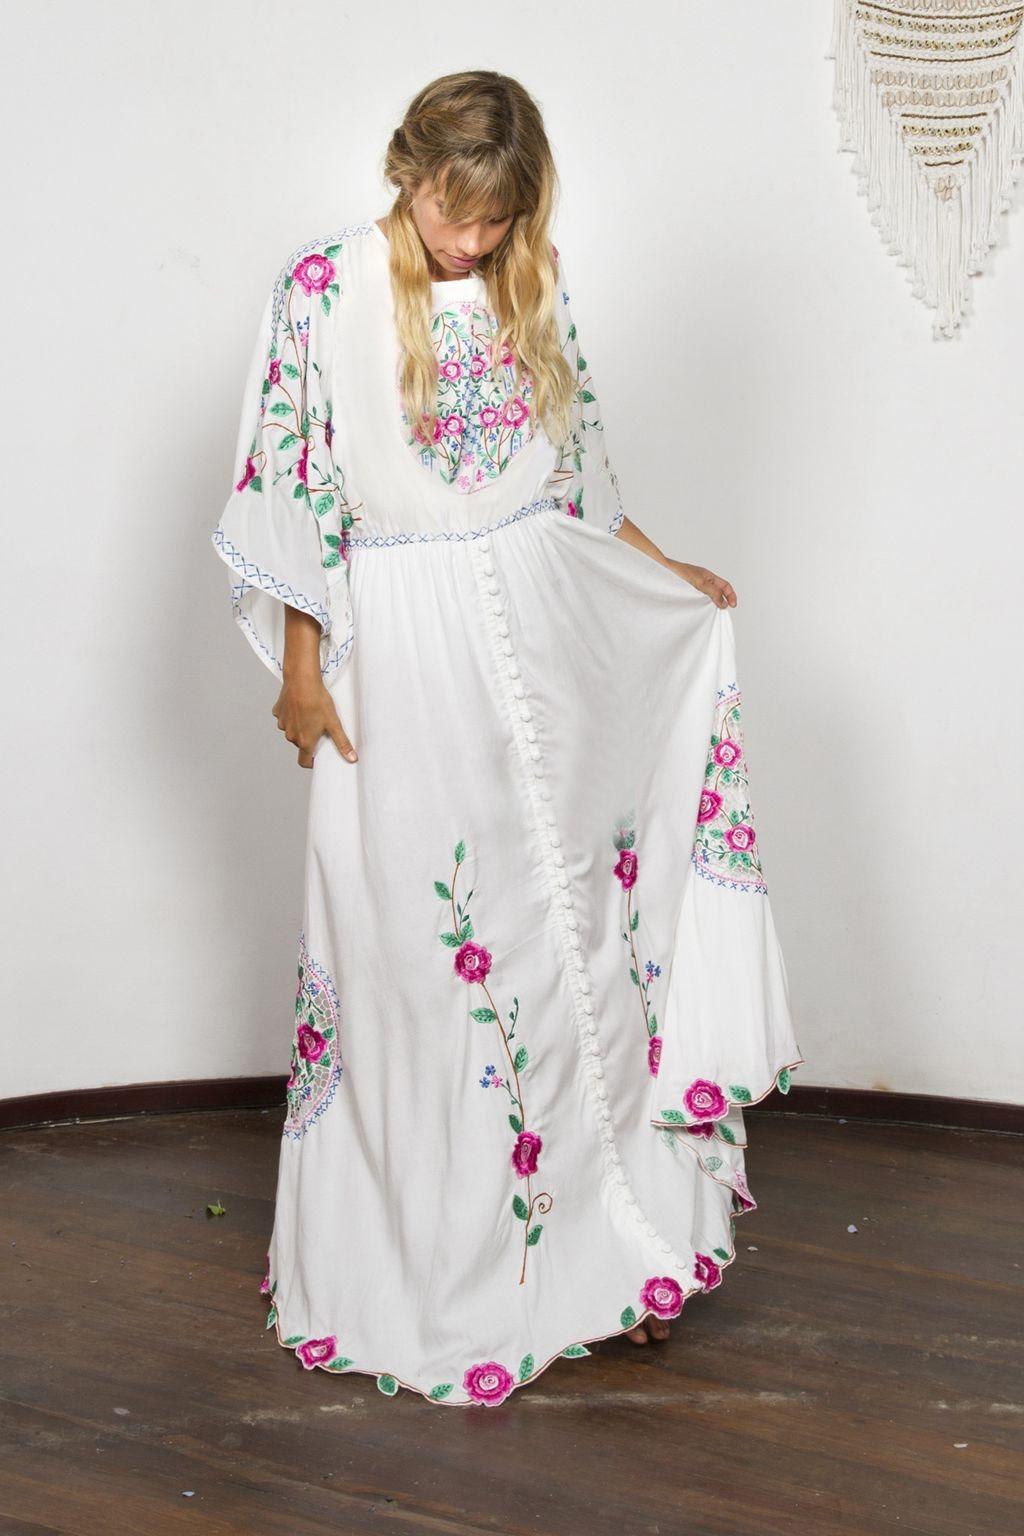 2019 été Boho Robe de broderie florale couleur unie Robe longue Robe fendue décontracté bohème femme Robe de plage